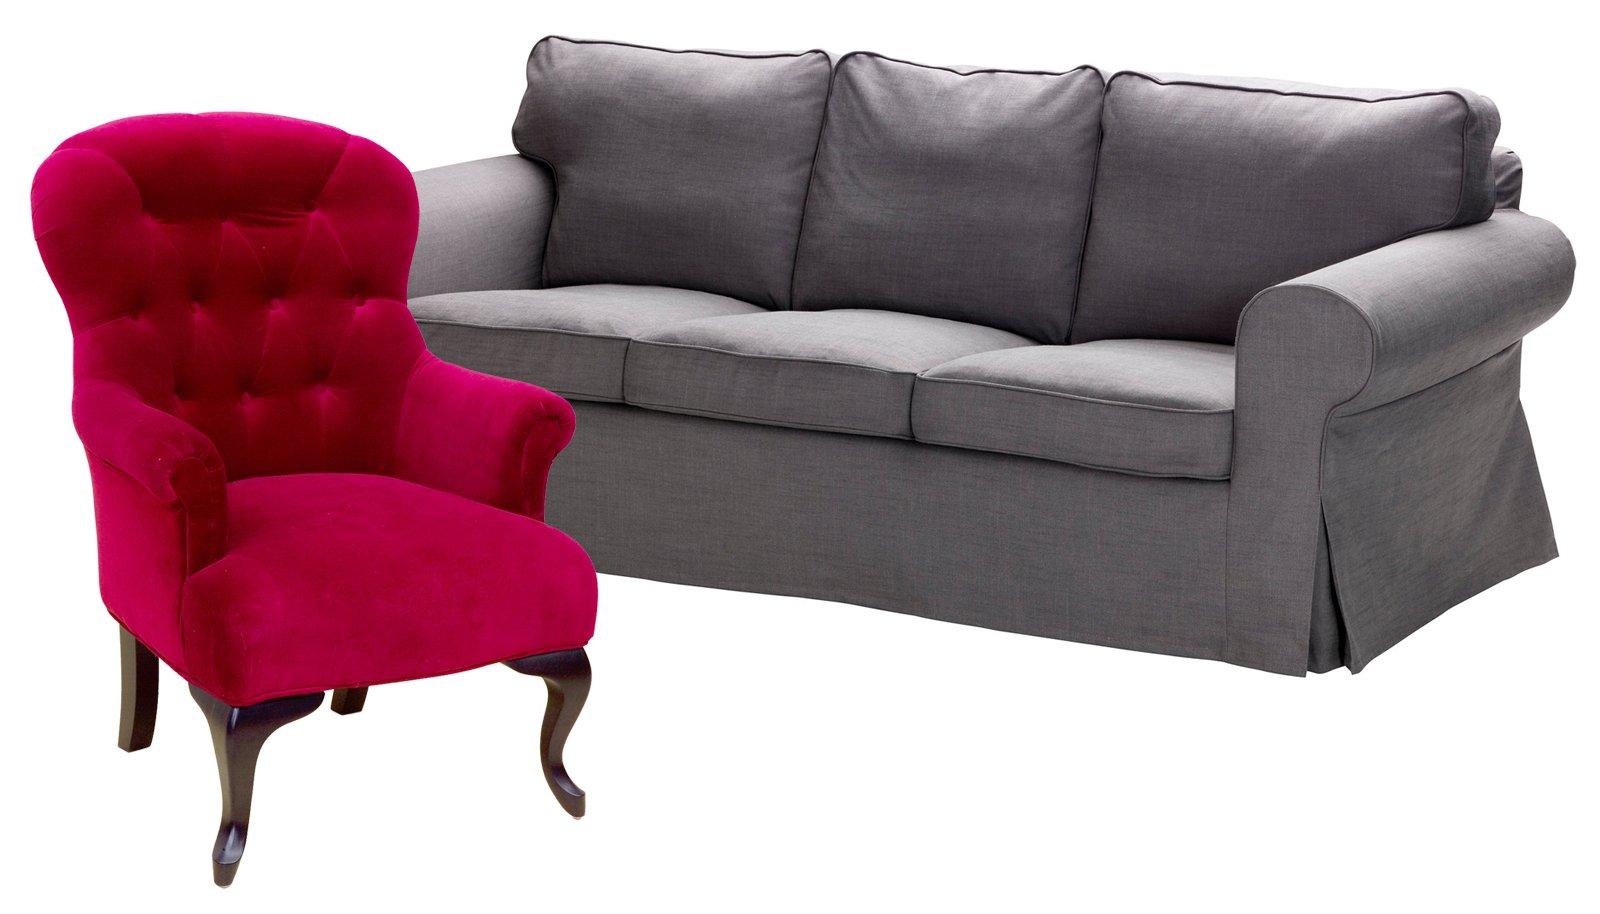 Poltrona e divano idee per abbinarli cose di casa for Poltrona letto ikea usata